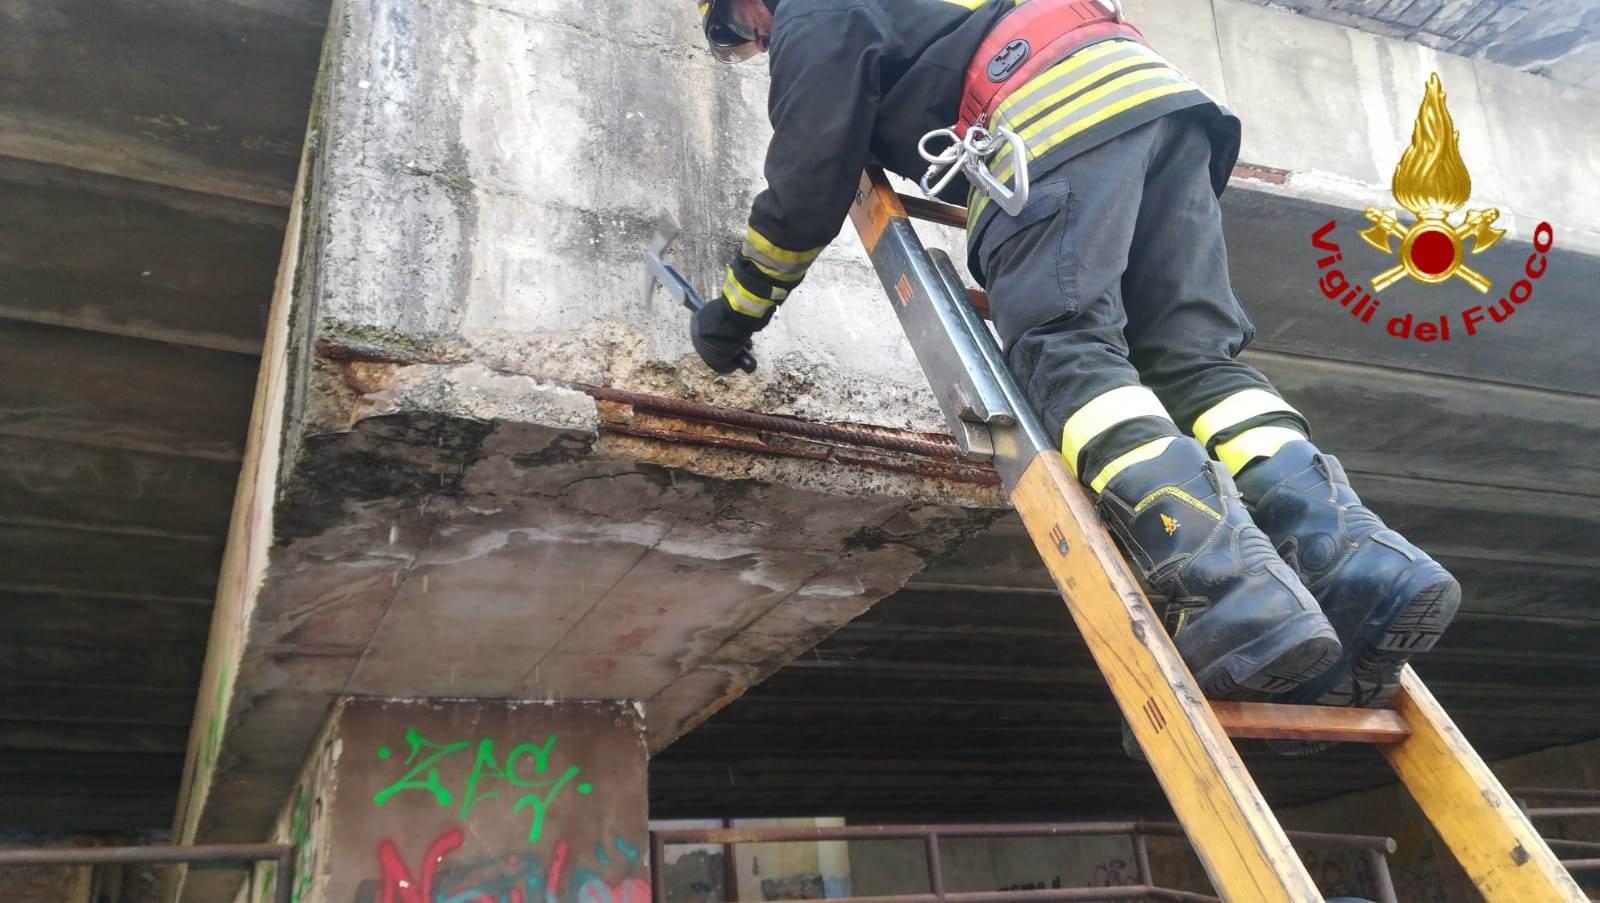 Circonvallazione: pompieri rimuovo calcinacci da ponte per garantire incolumità cittadini. LE FOTO